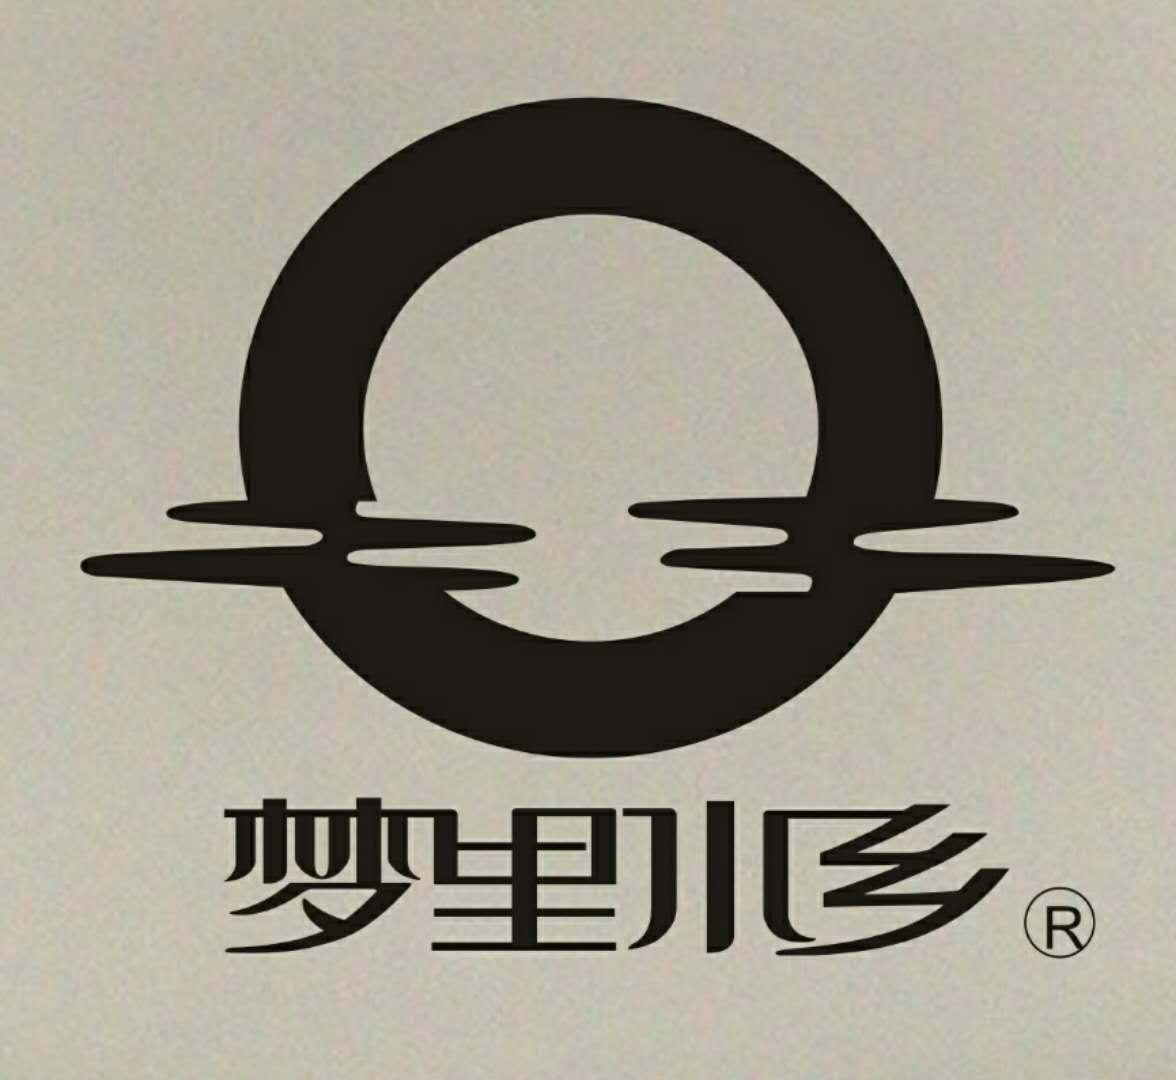 梦里水乡(menglishuixiang)